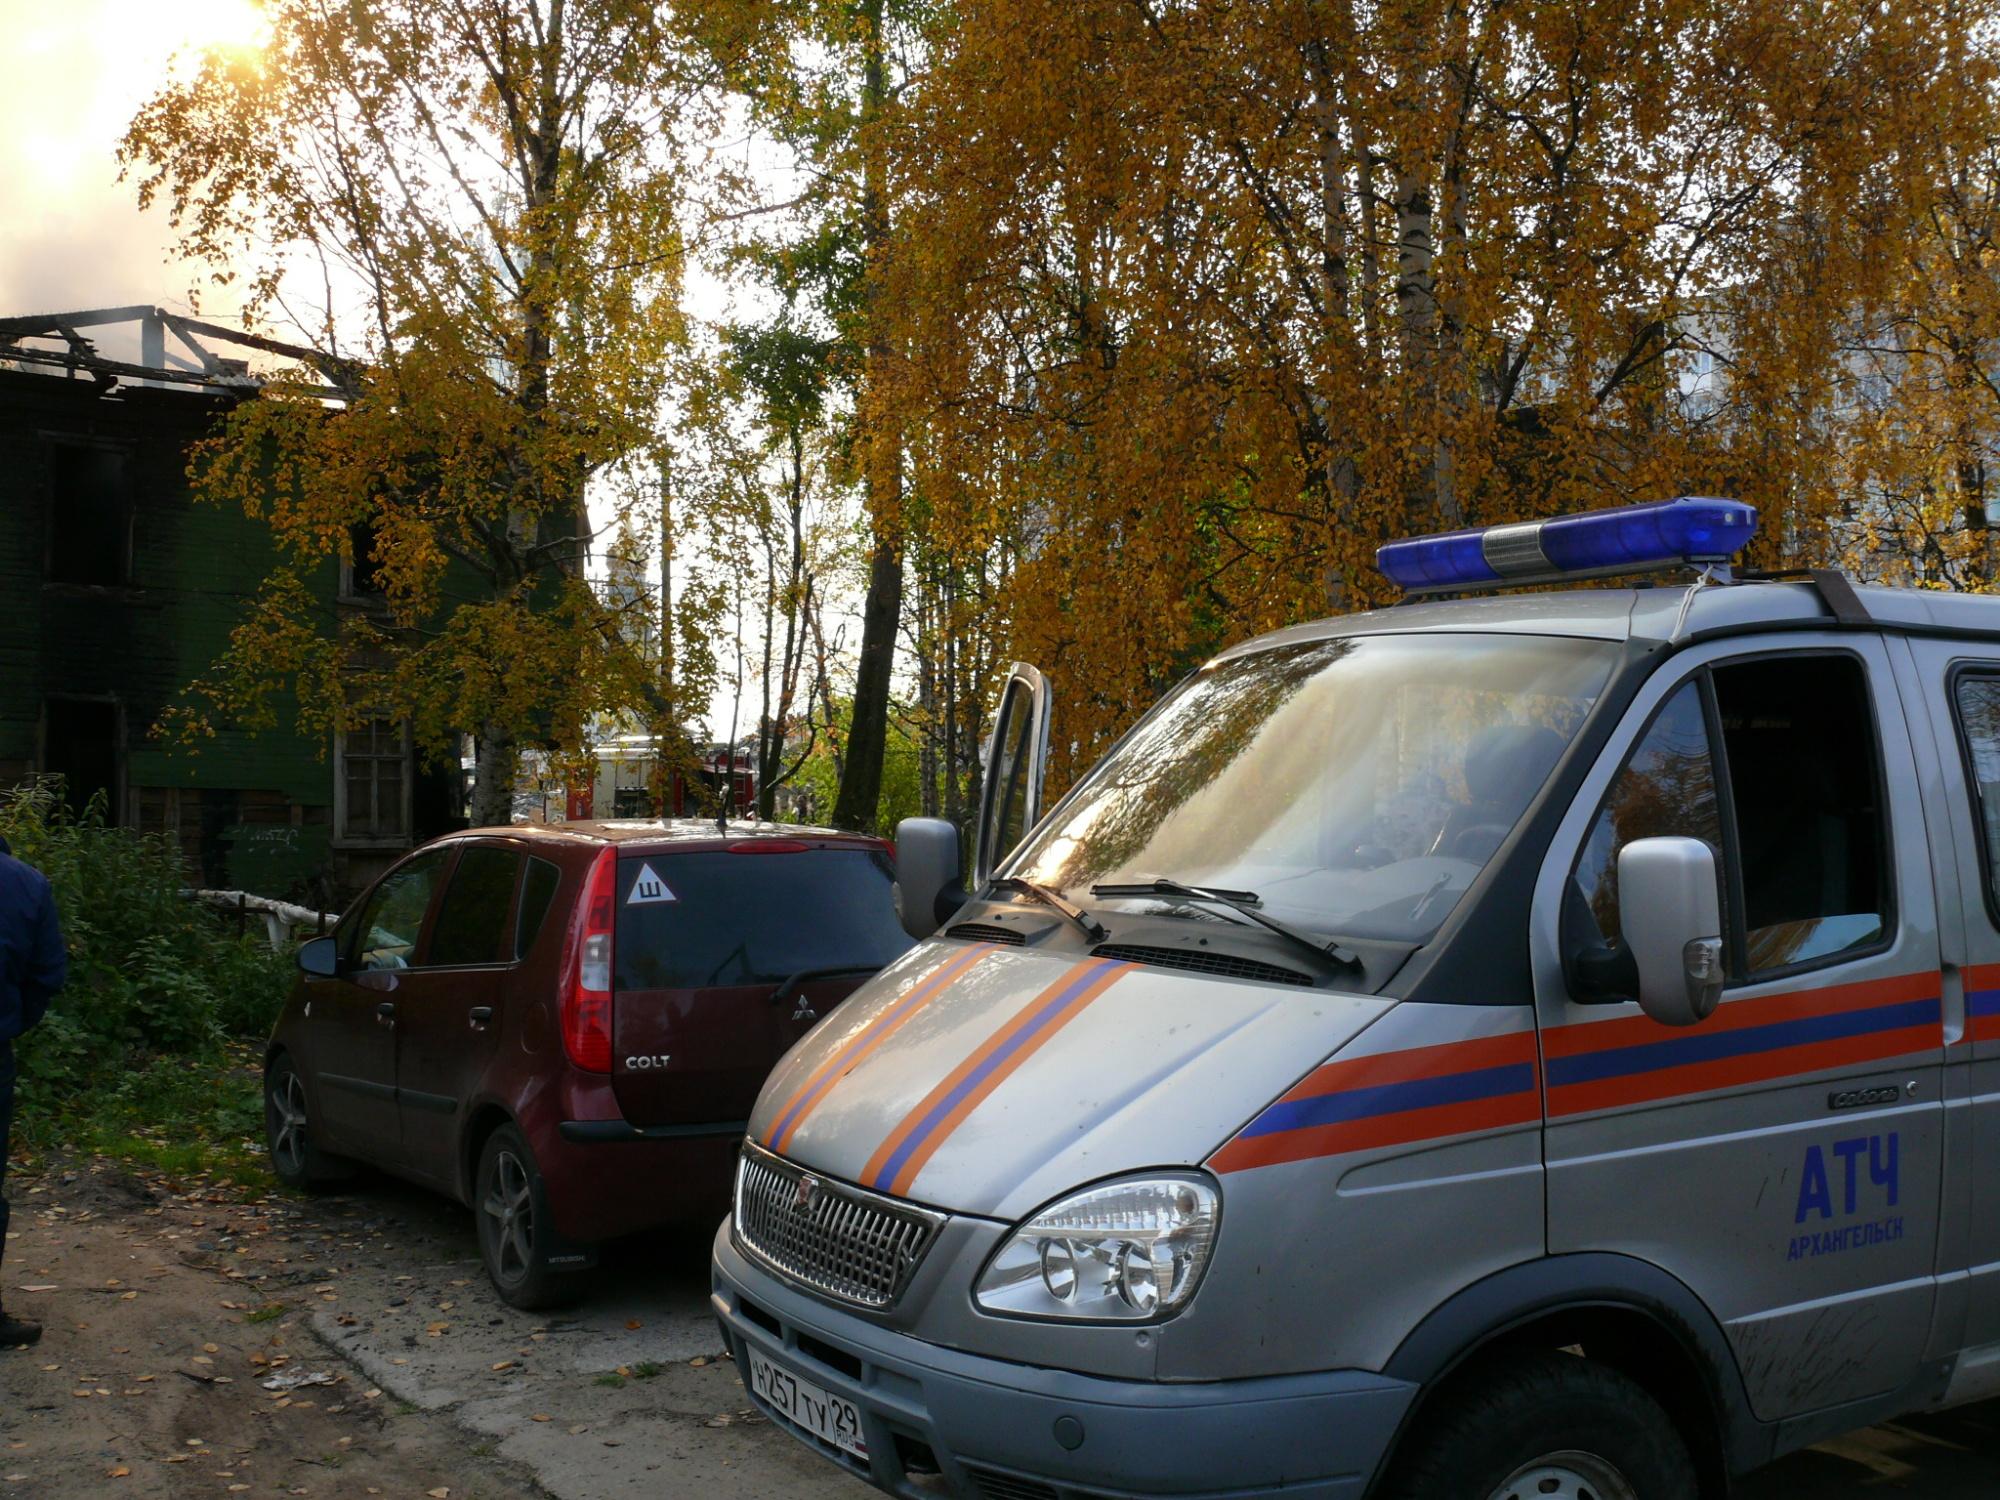 Пожарно-спасательные подразделения ликвидировали пожар в Каргопольском МО Архангельской области.